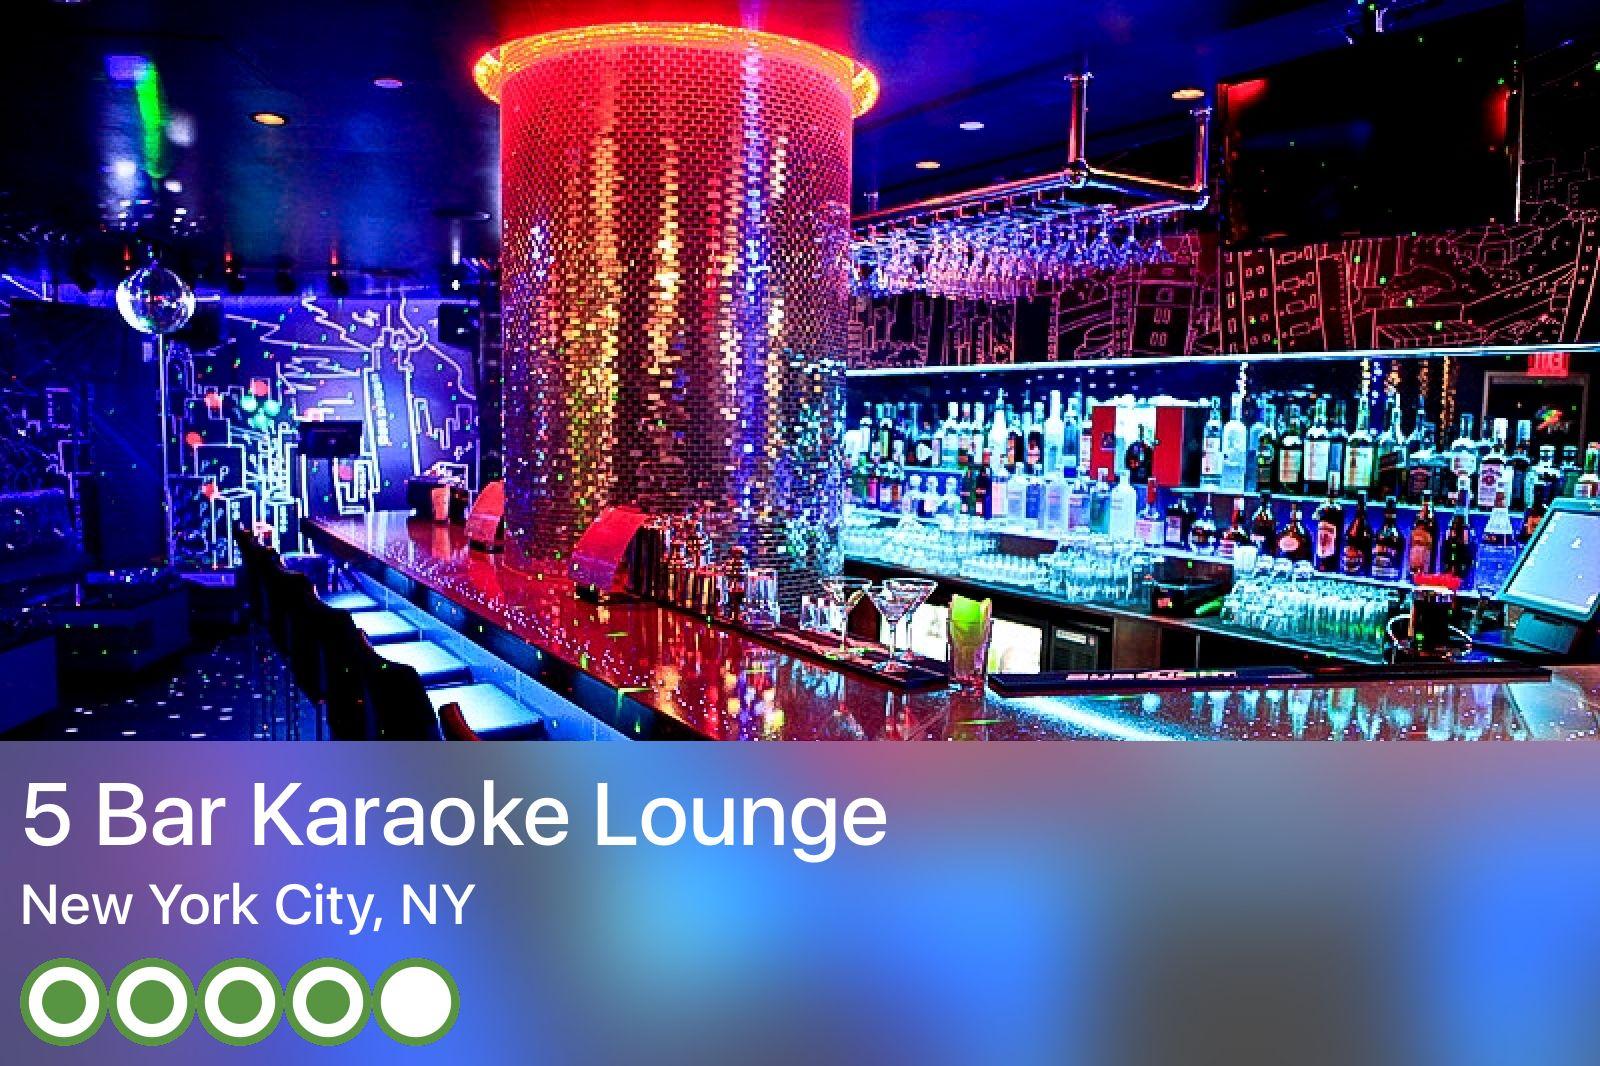 Pin by Jill Rohrbaugh on Bachelorette partaaaay Karaoke